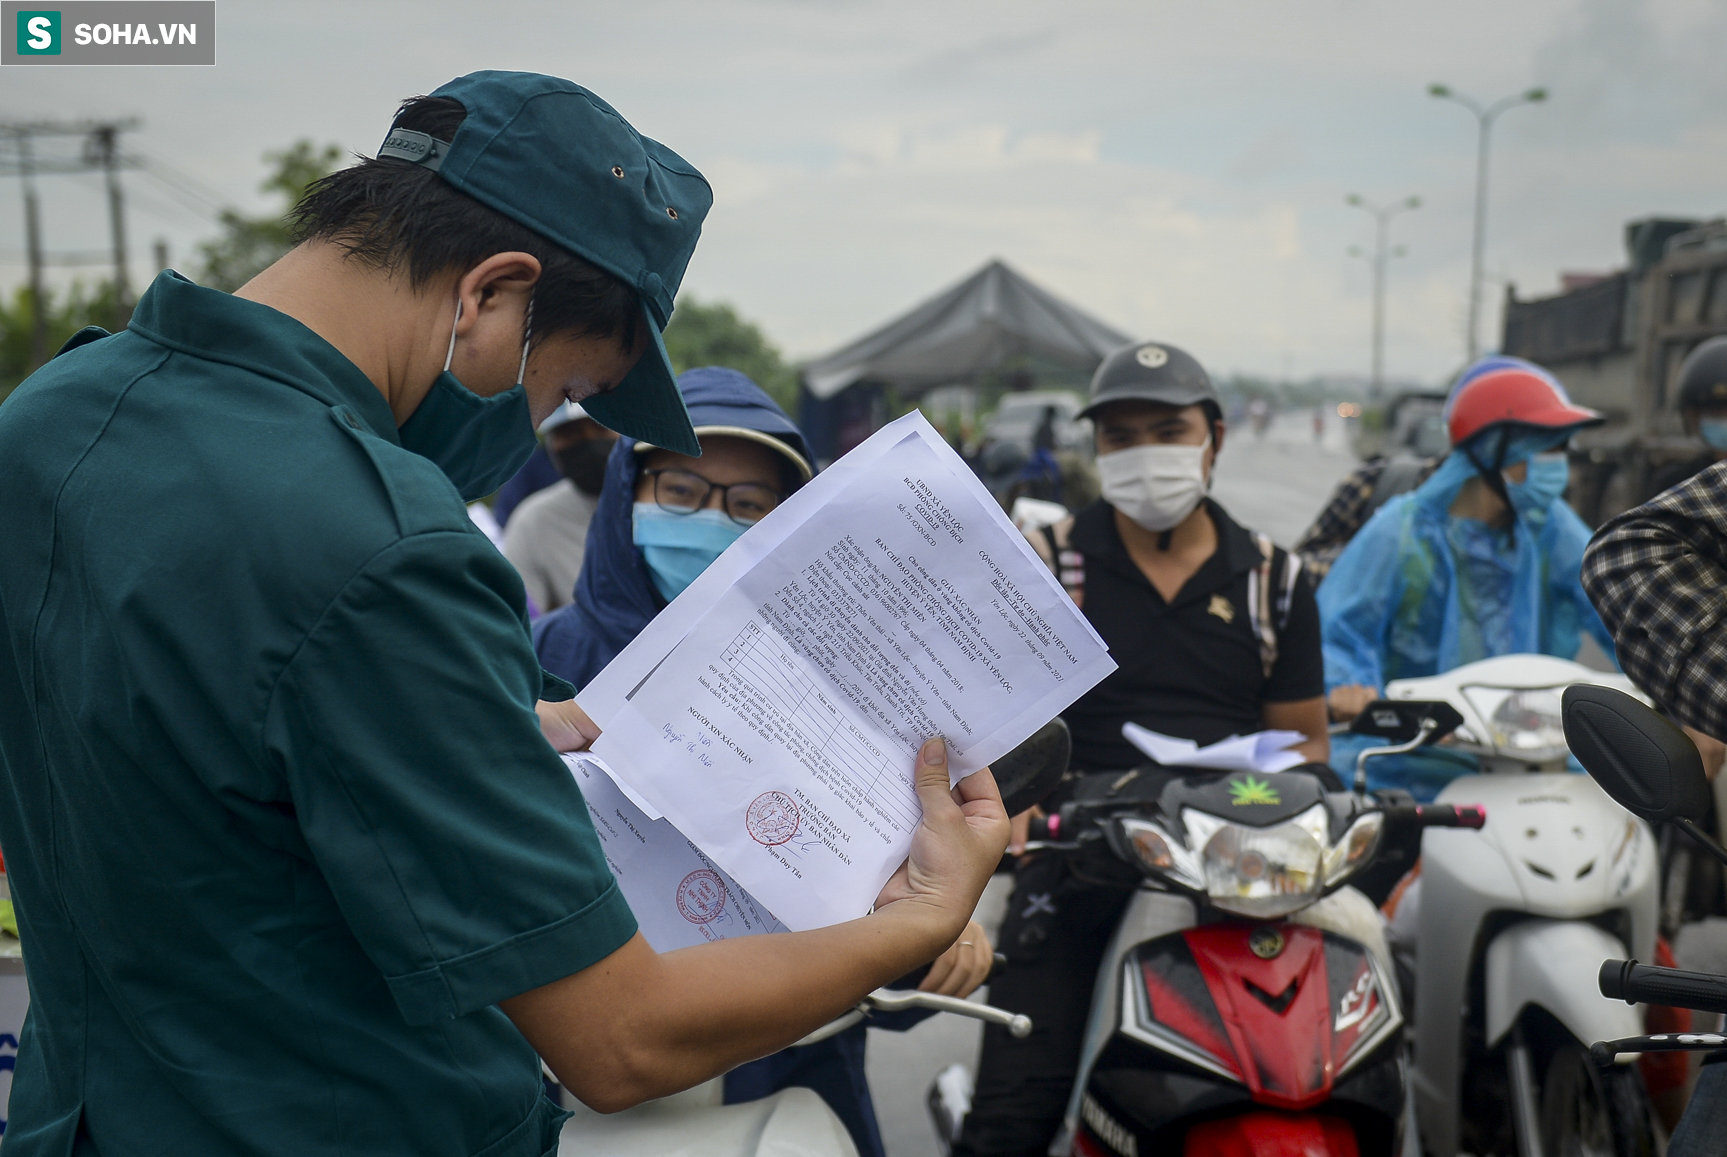 Đi xe máy hơn 1.500km ra Hà Nội, 2 bố con ăn ngủ tại chốt Cầu Giẽ chờ người đưa đi cách ly - Ảnh 3.